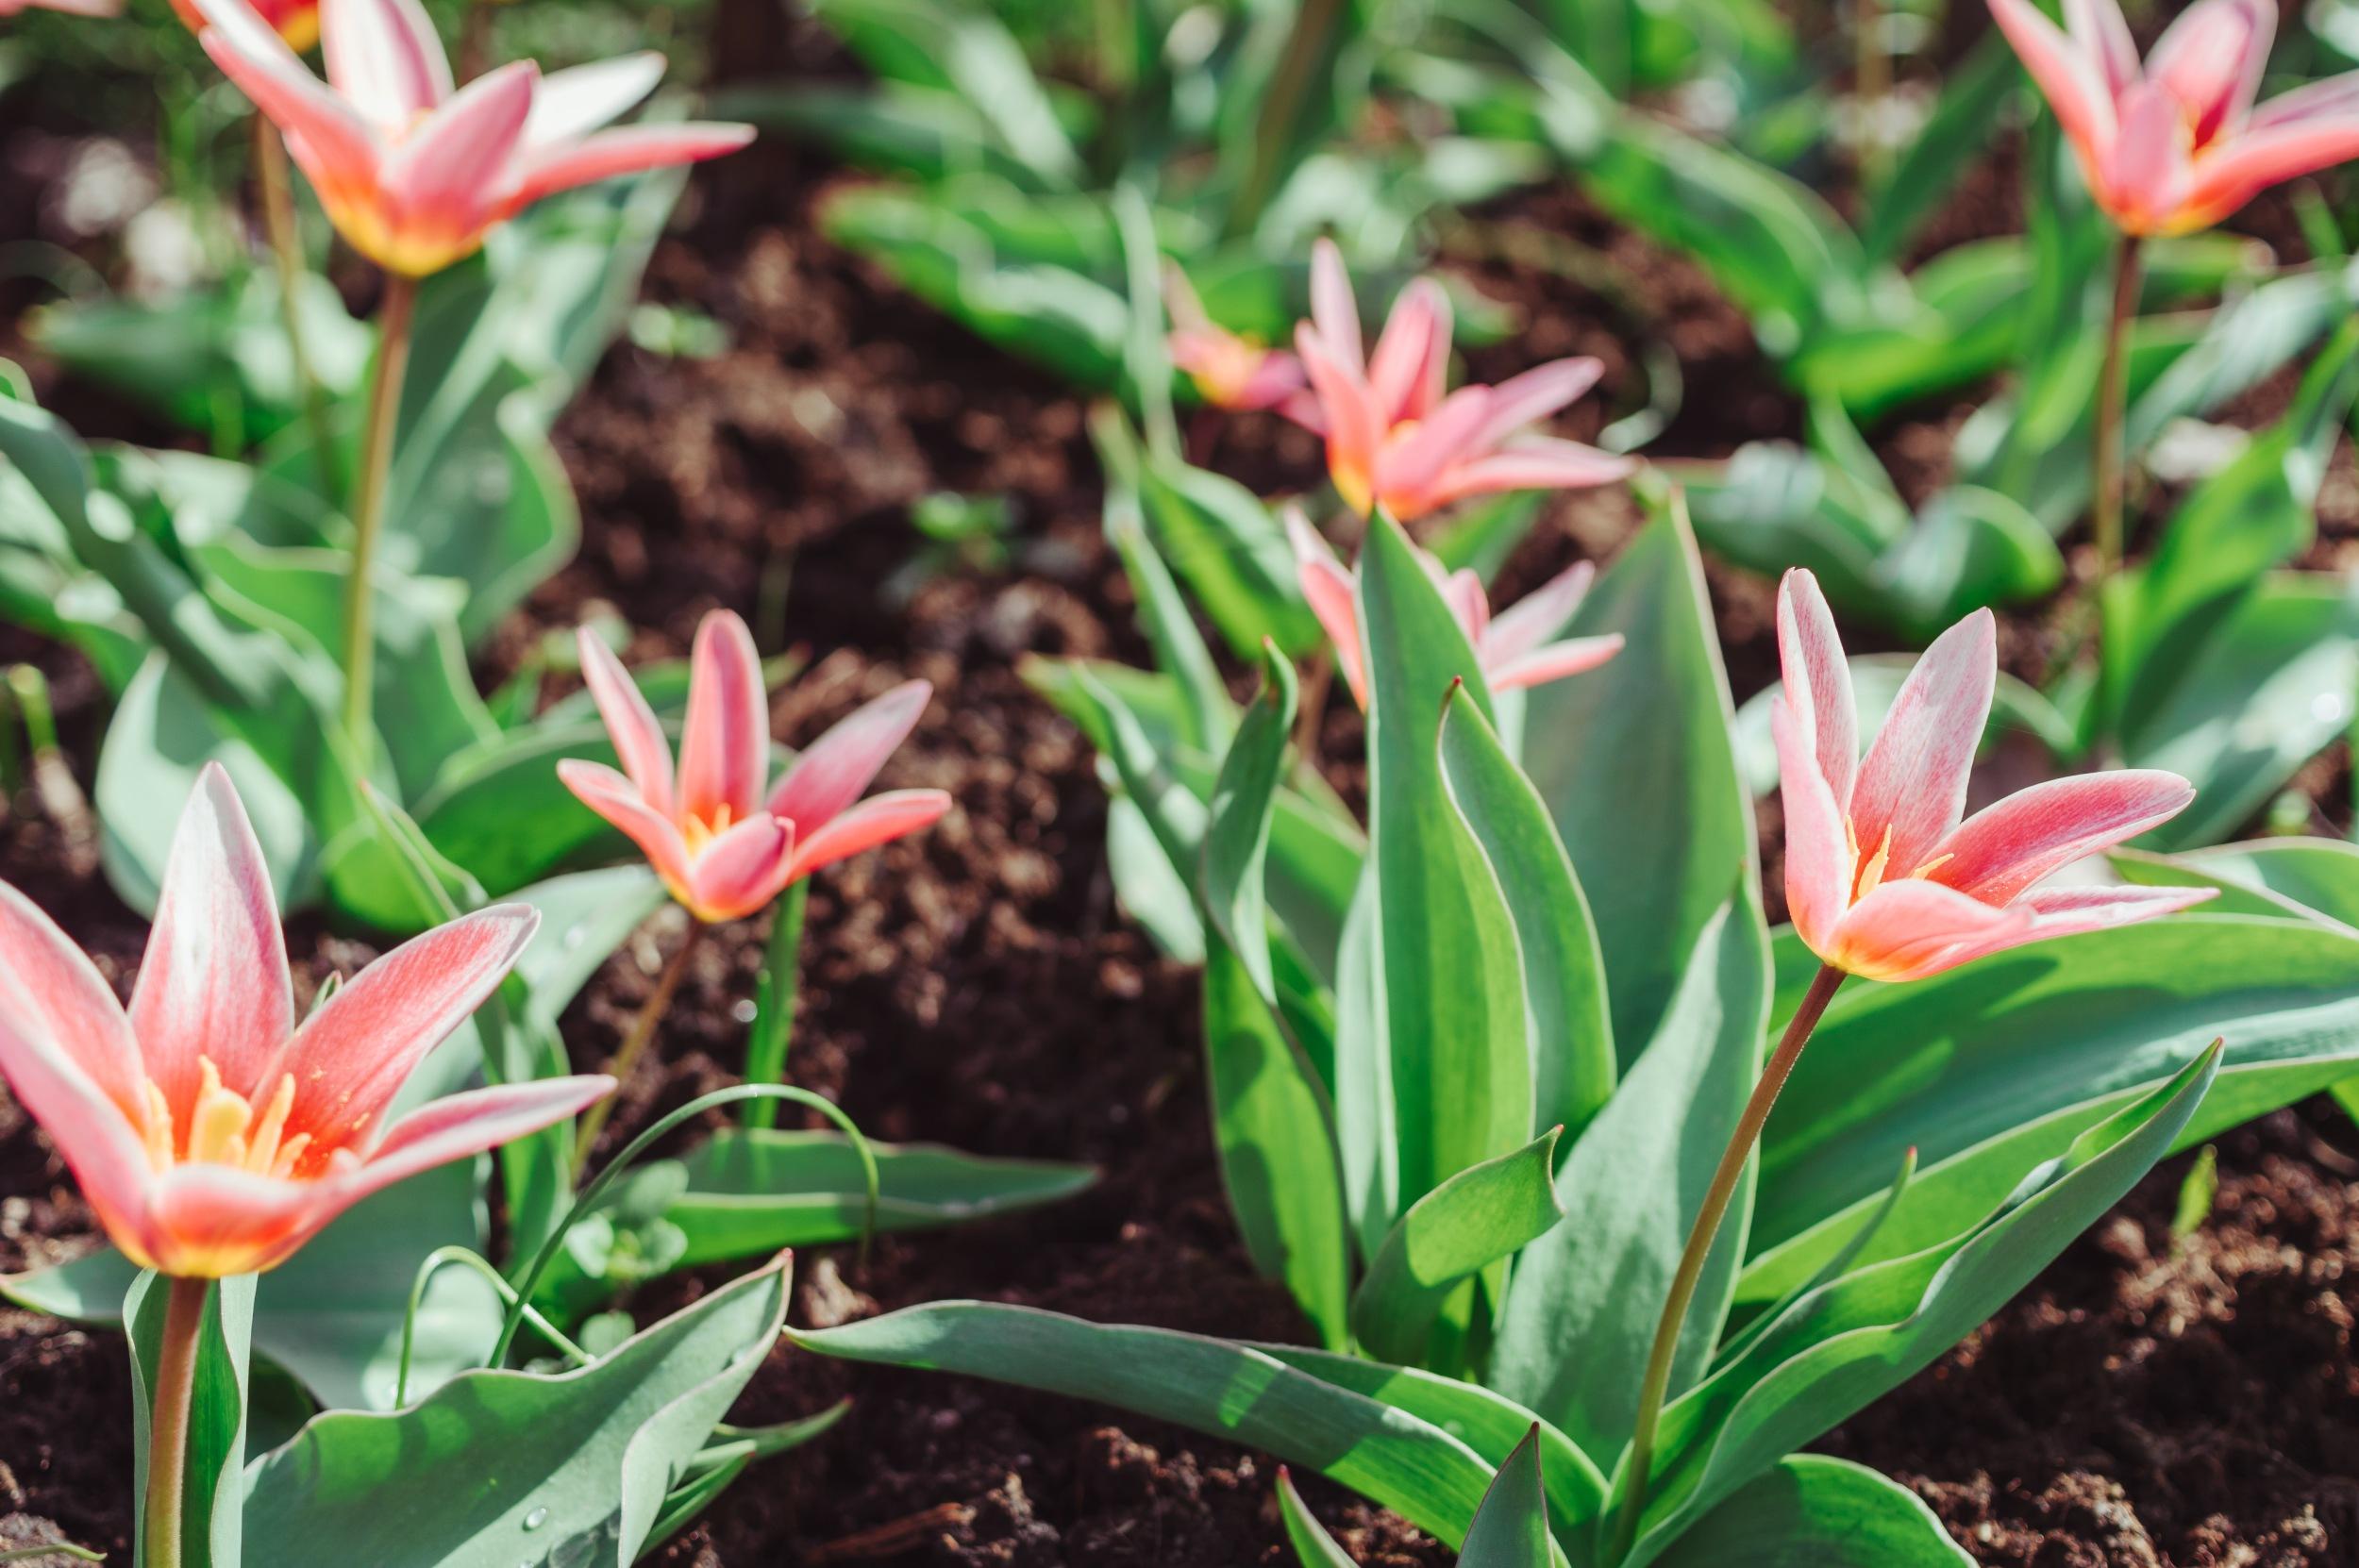 Pirmieji pavasariniai tulpių žiedai - Vilmantas Ramonas